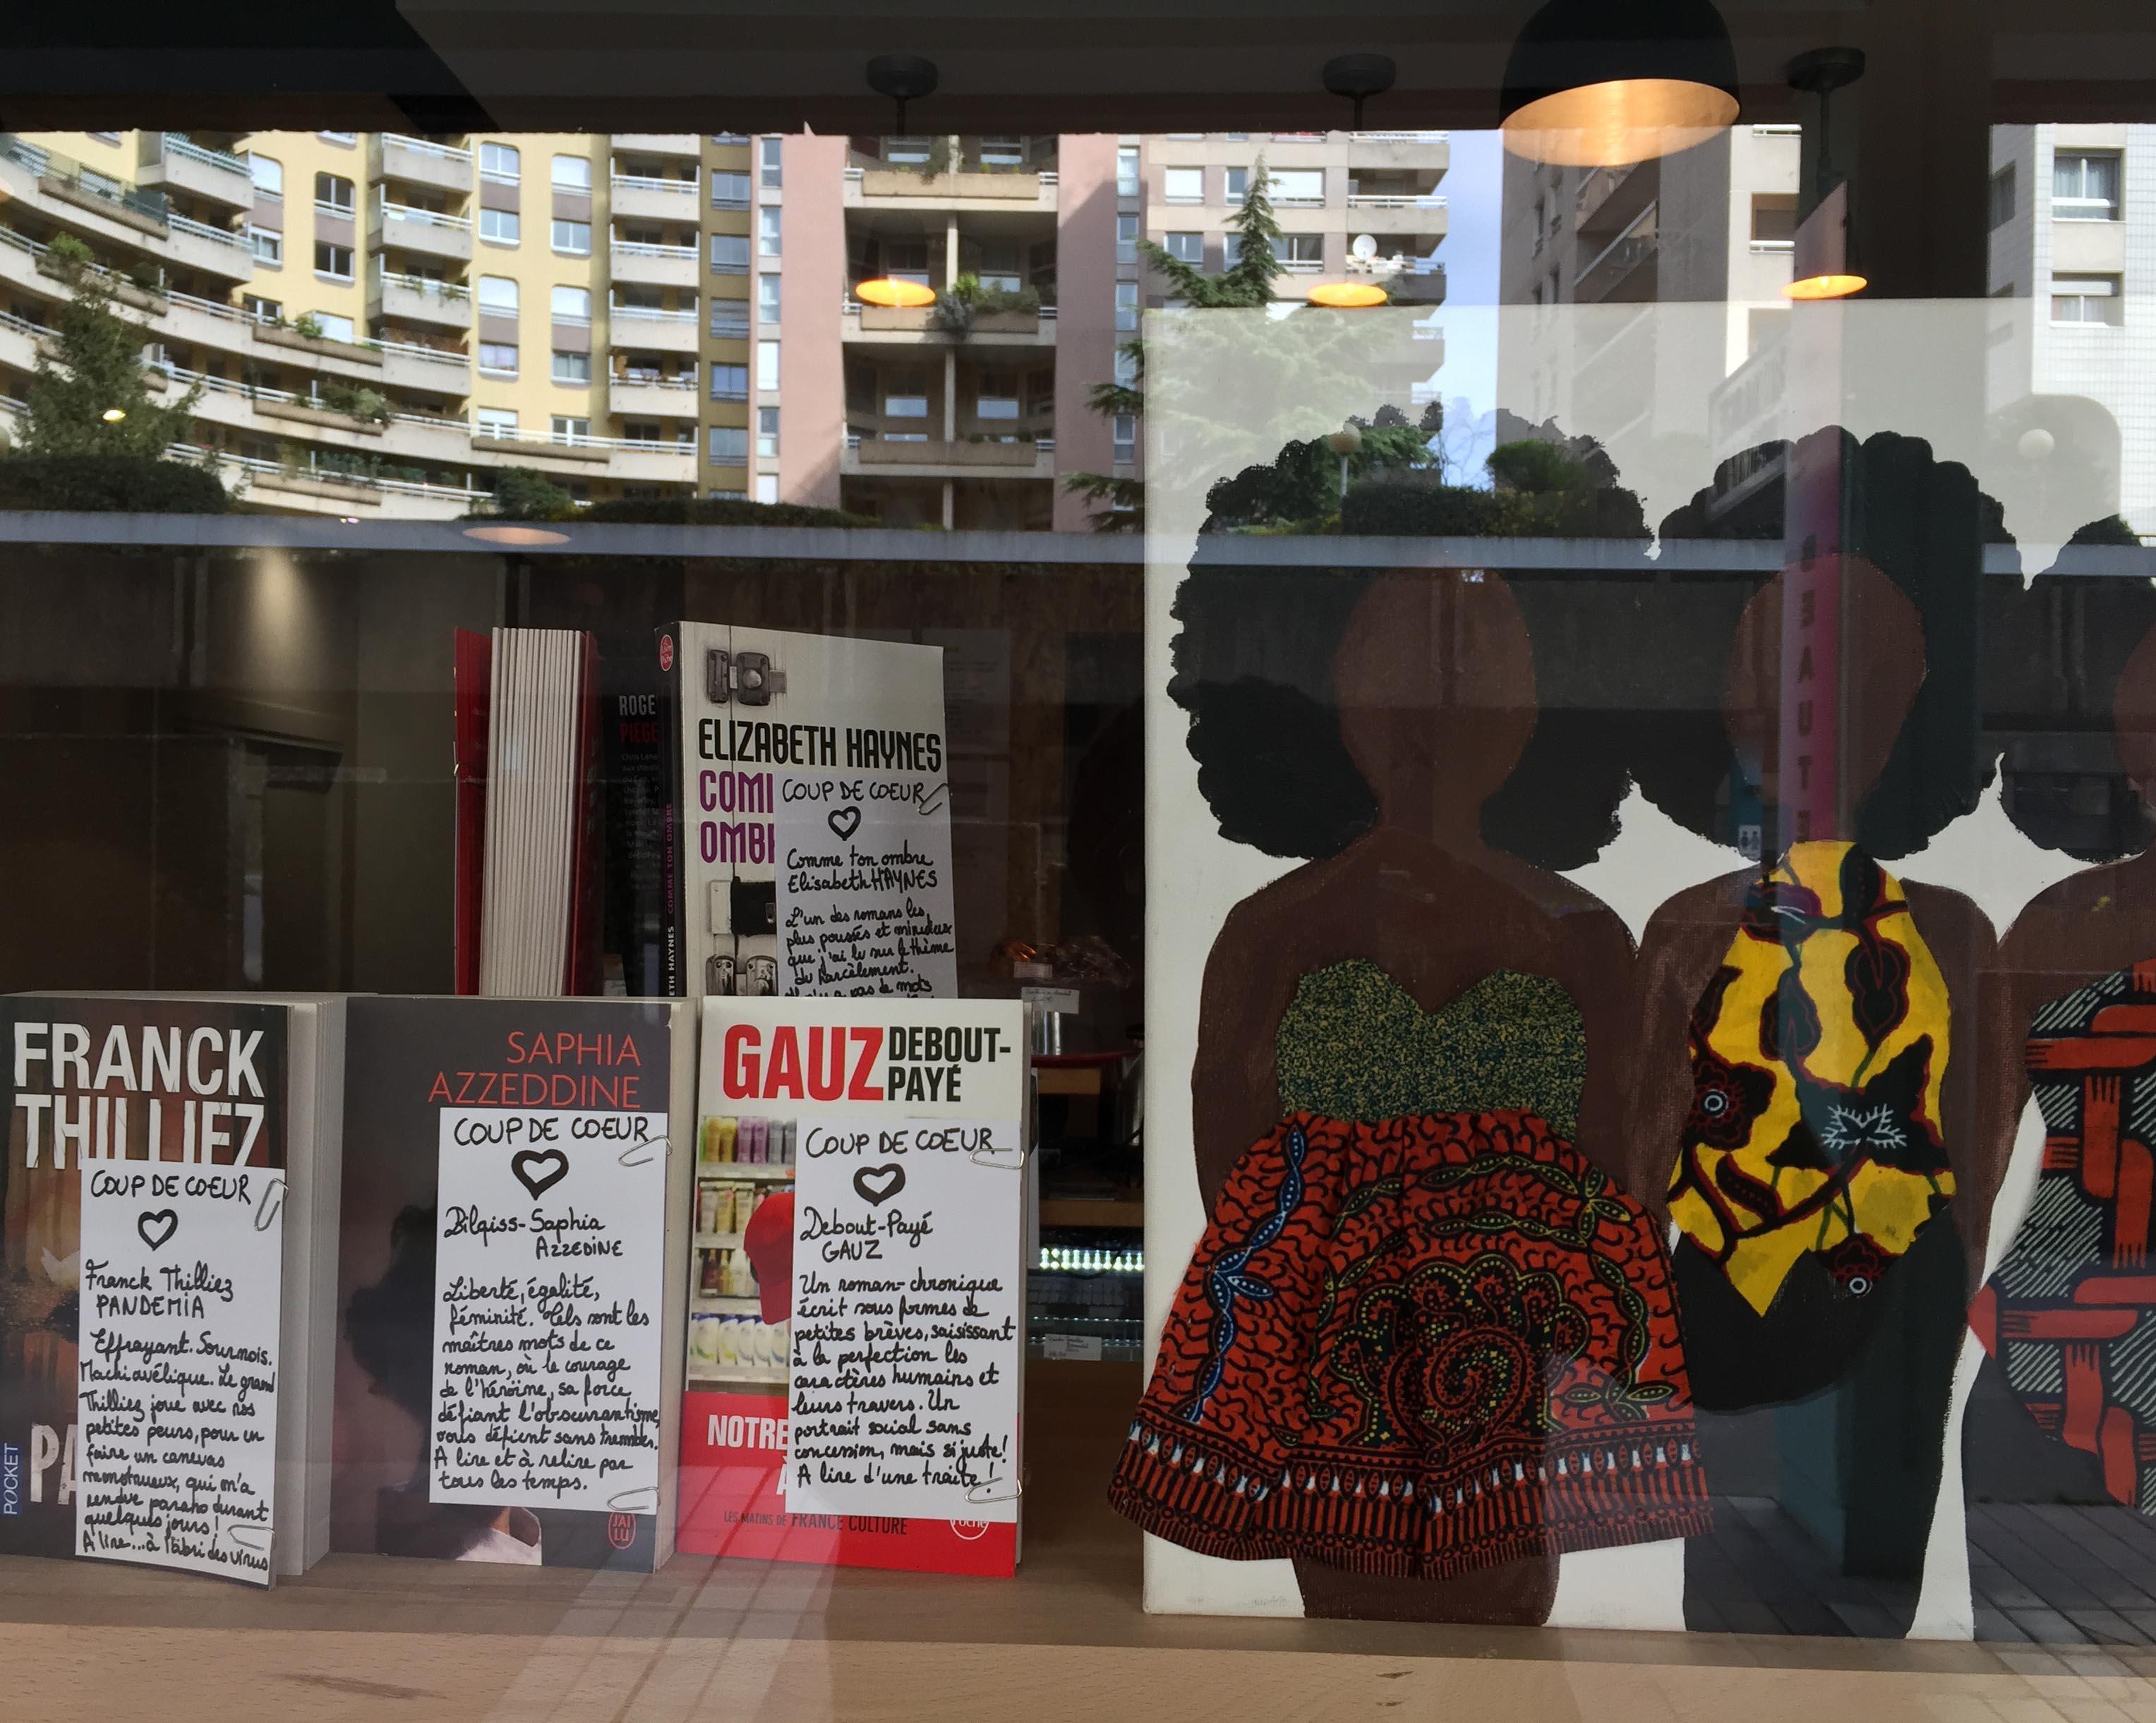 Les vagabonds sans tr ves blog litt raire et culturel de - Salon de the librairie ...